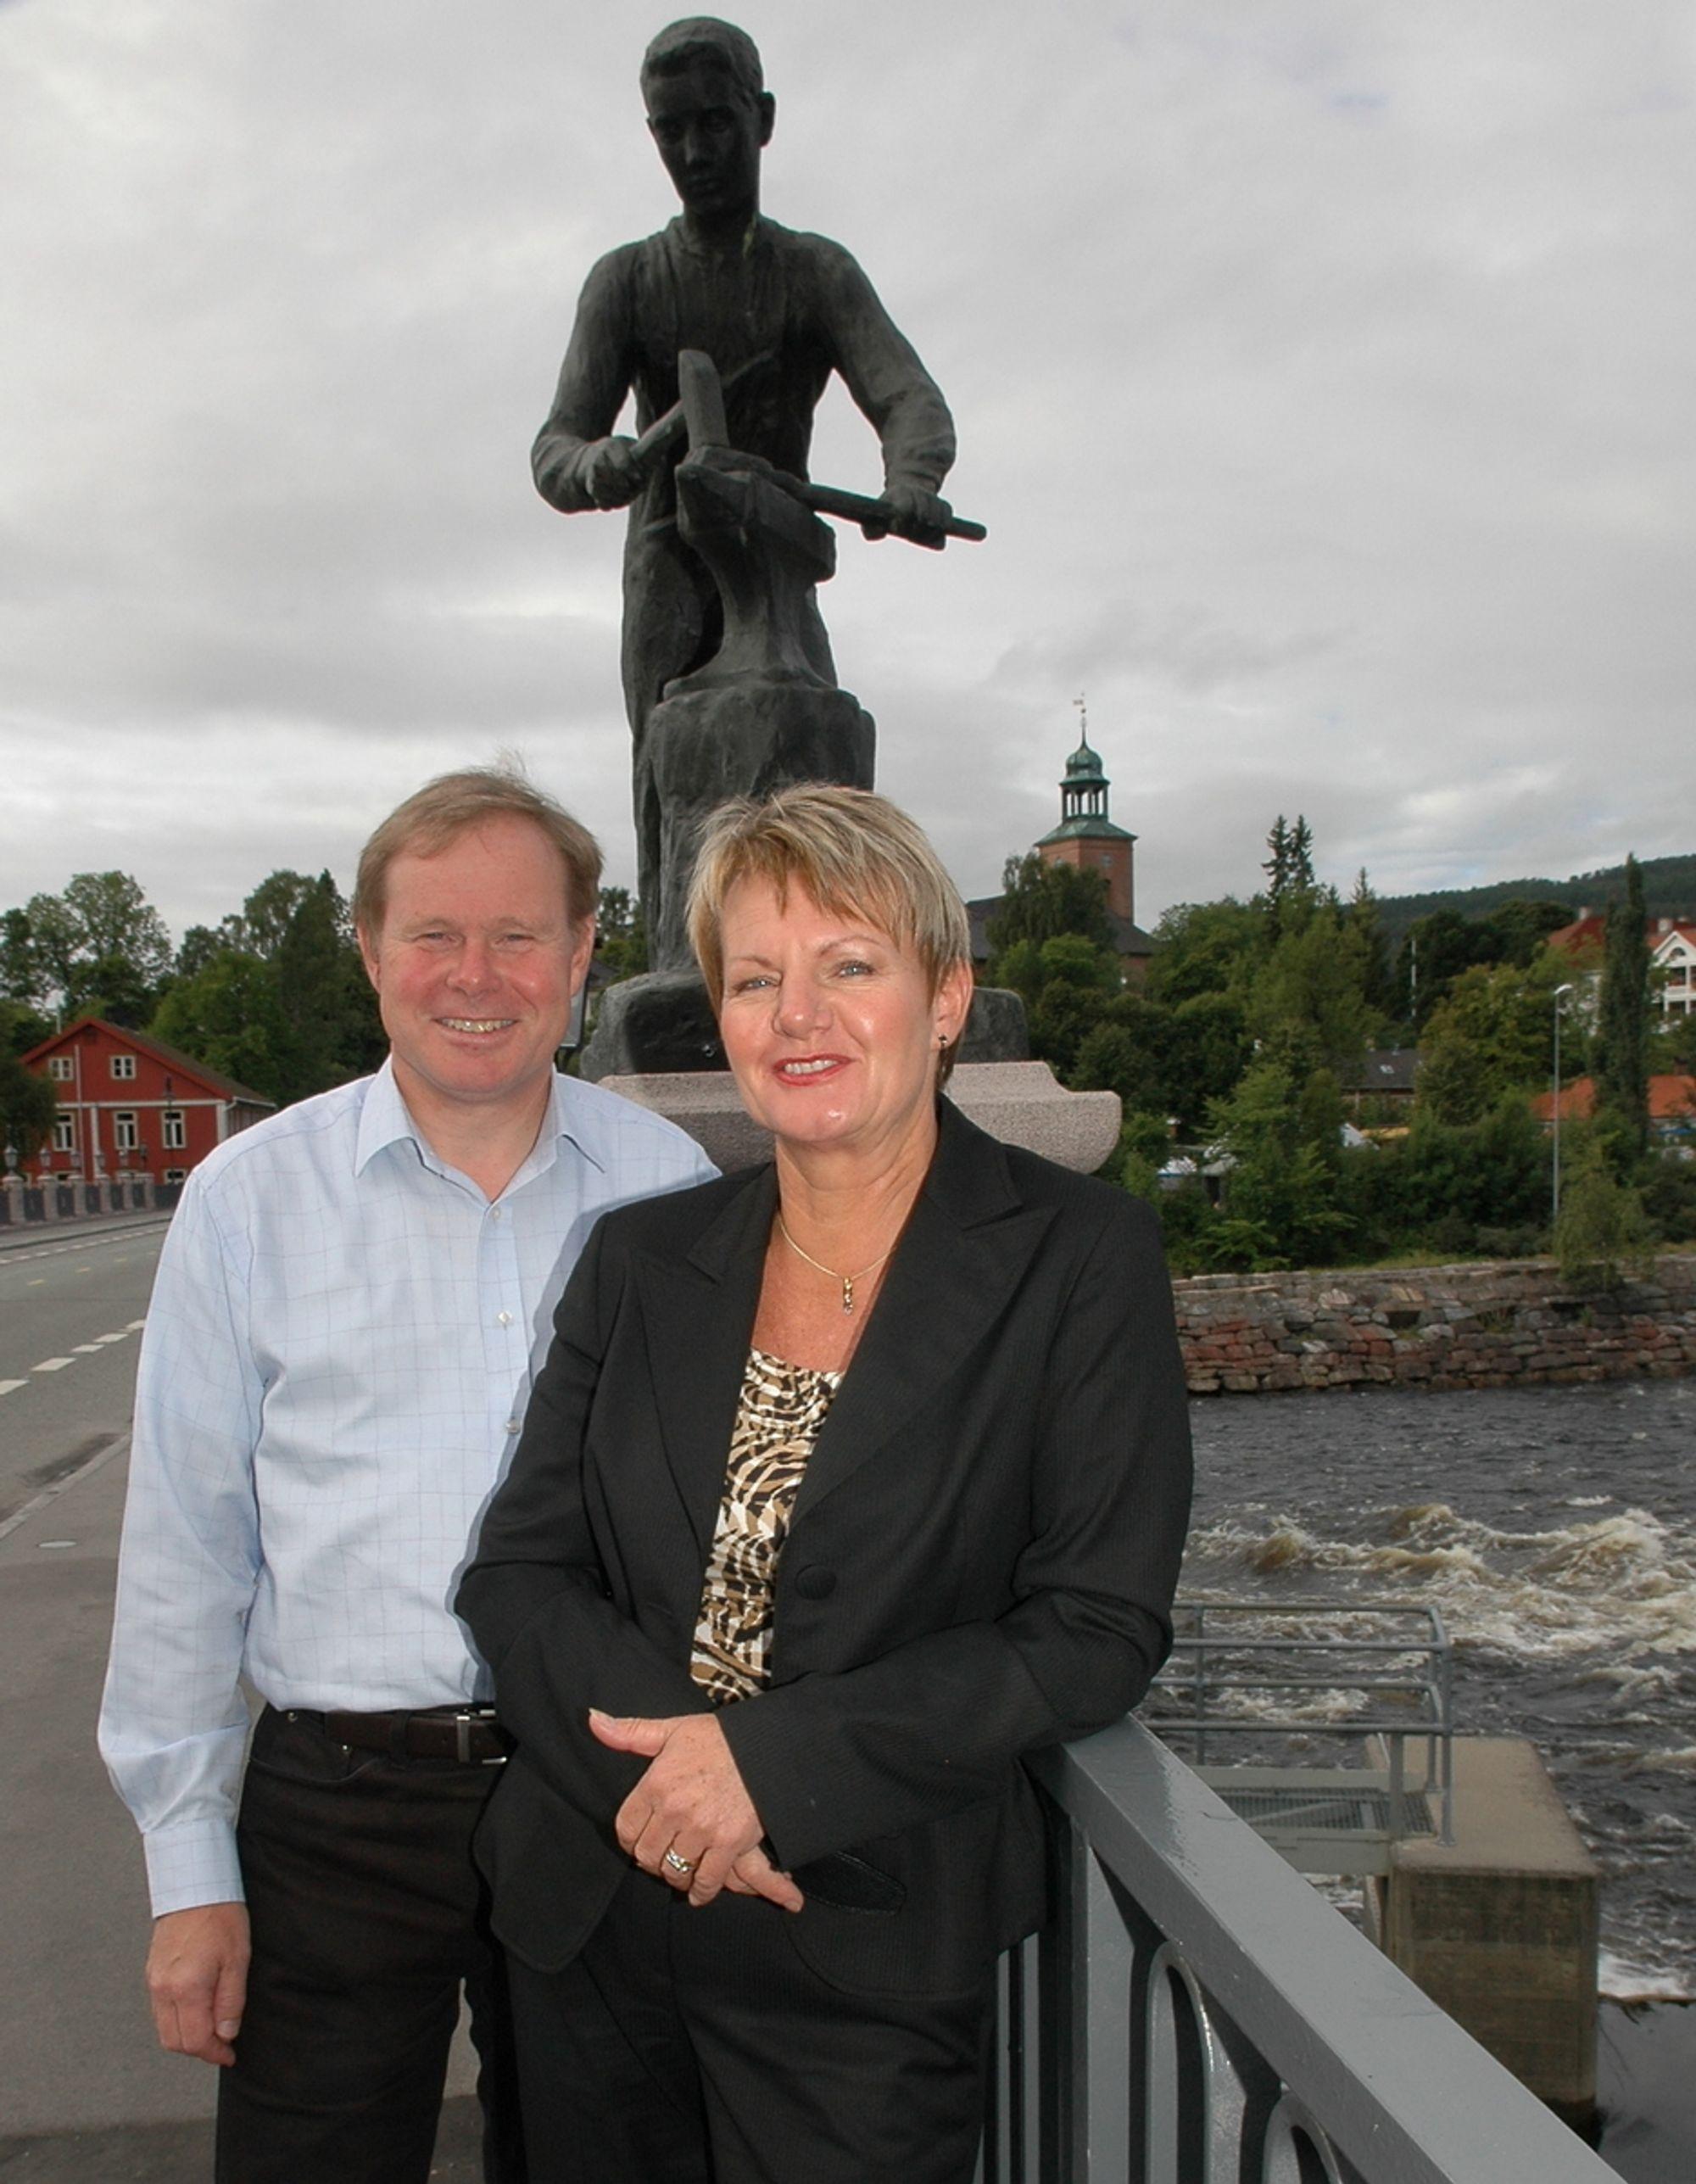 NY TREND: Markedssjef Bernt Isachsen og leder av Kongsberg Handelskammer ønsker alle velkommen til Teknologidagene på Kongsber i Norvember. Et av hovedtemaene blir tekniske trender.